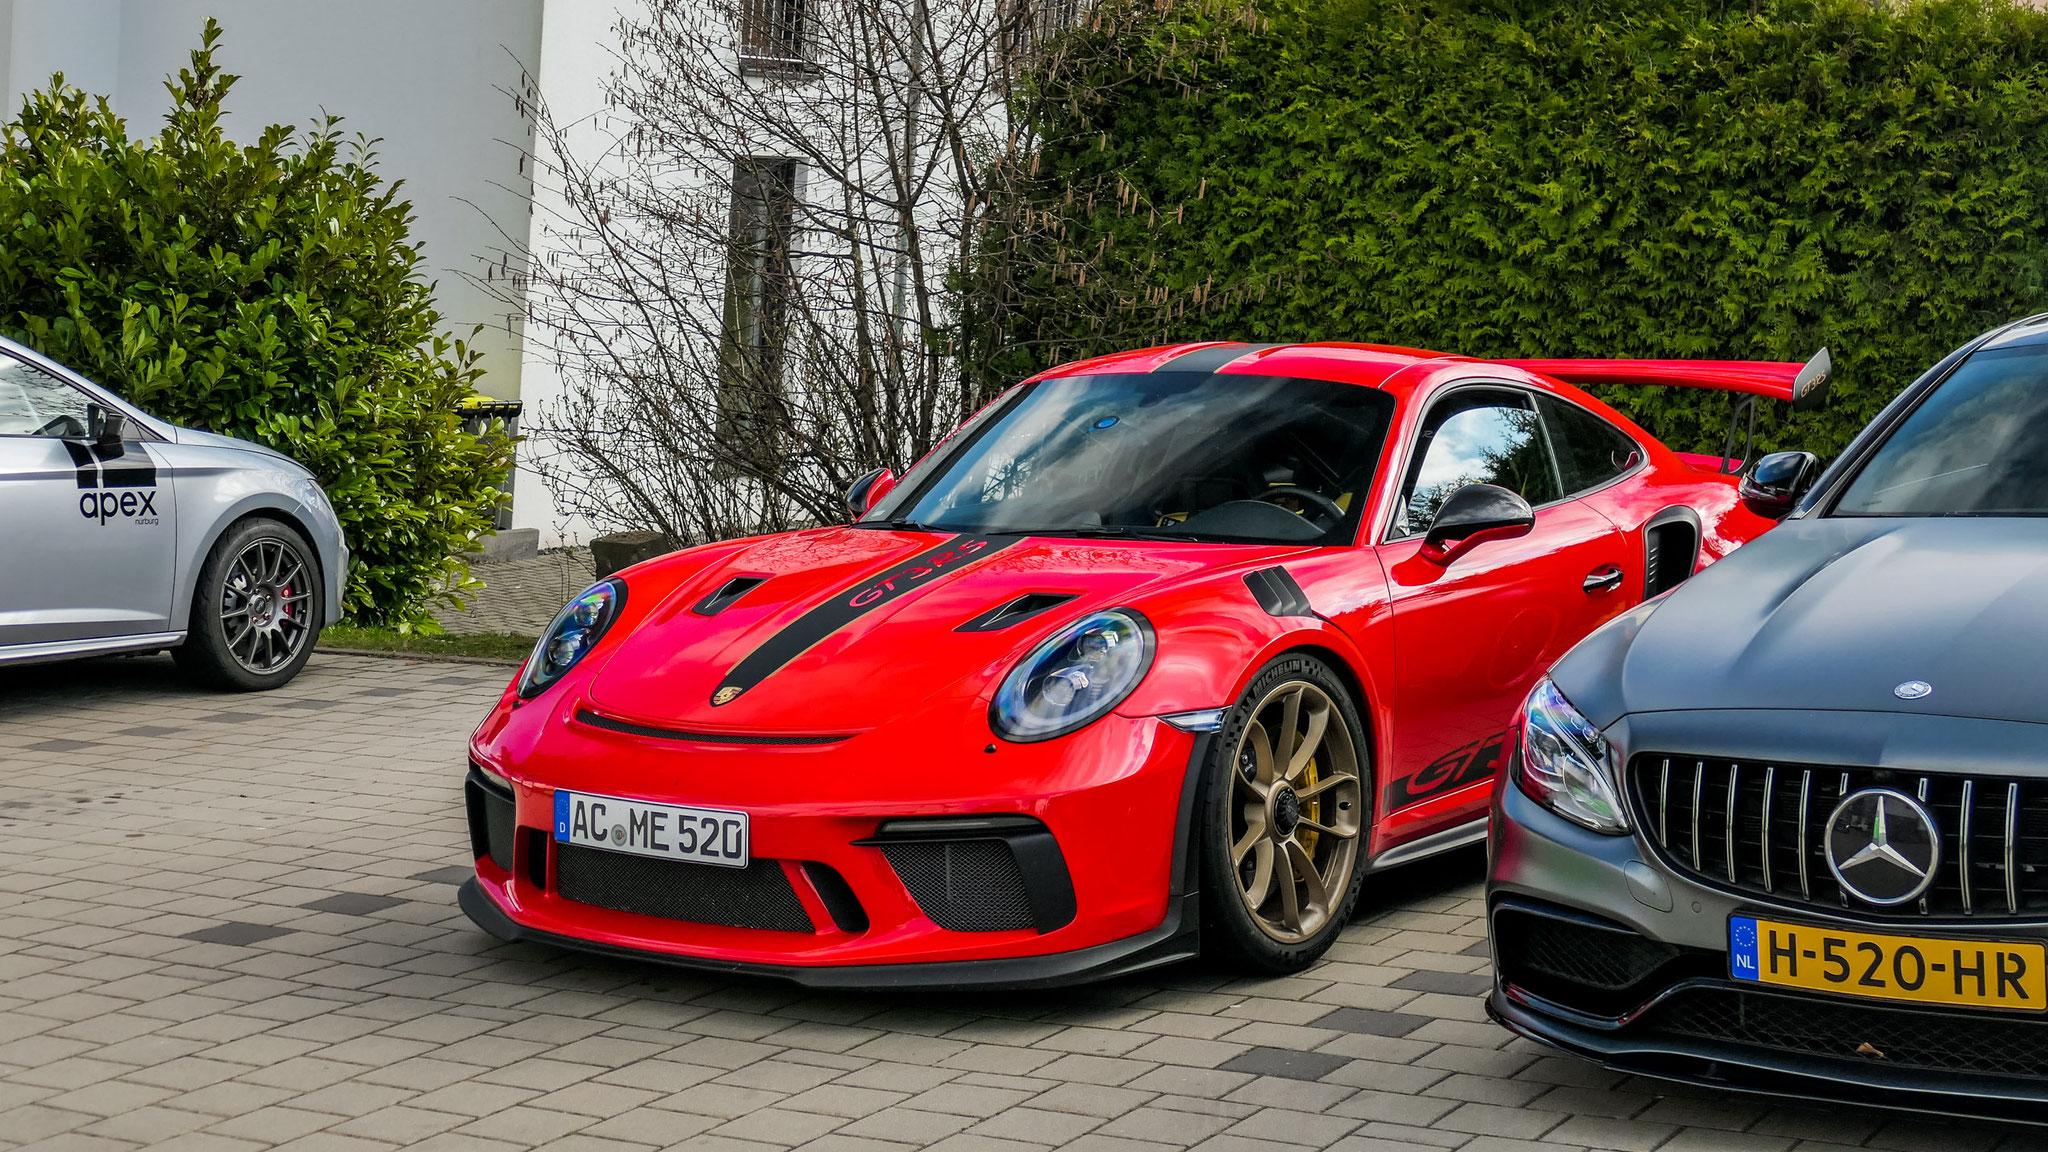 Porsche 911 991.2 GT3 RS - AC-ME-520